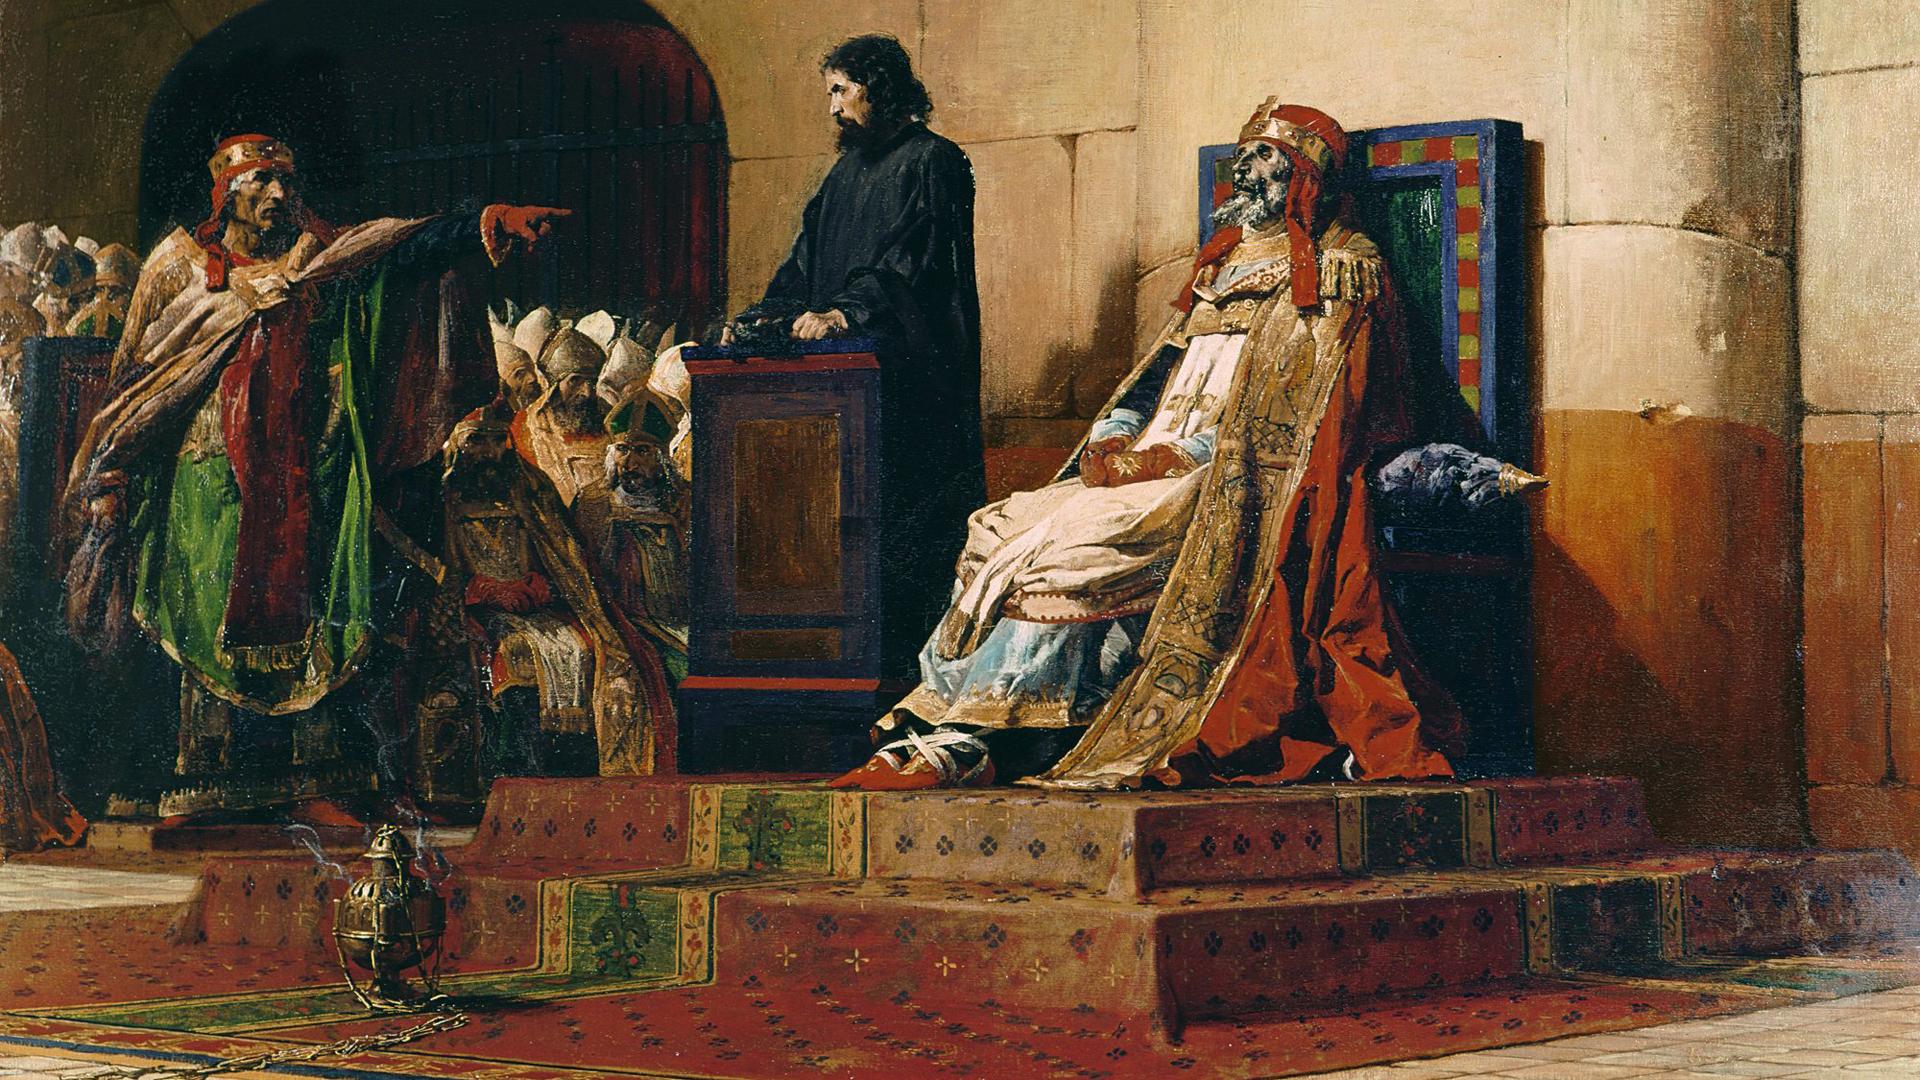 """Jean-Paul Laurens, Le Pape Formose et Étienne VII (""""Pope Formosus and Stephen VII"""")"""